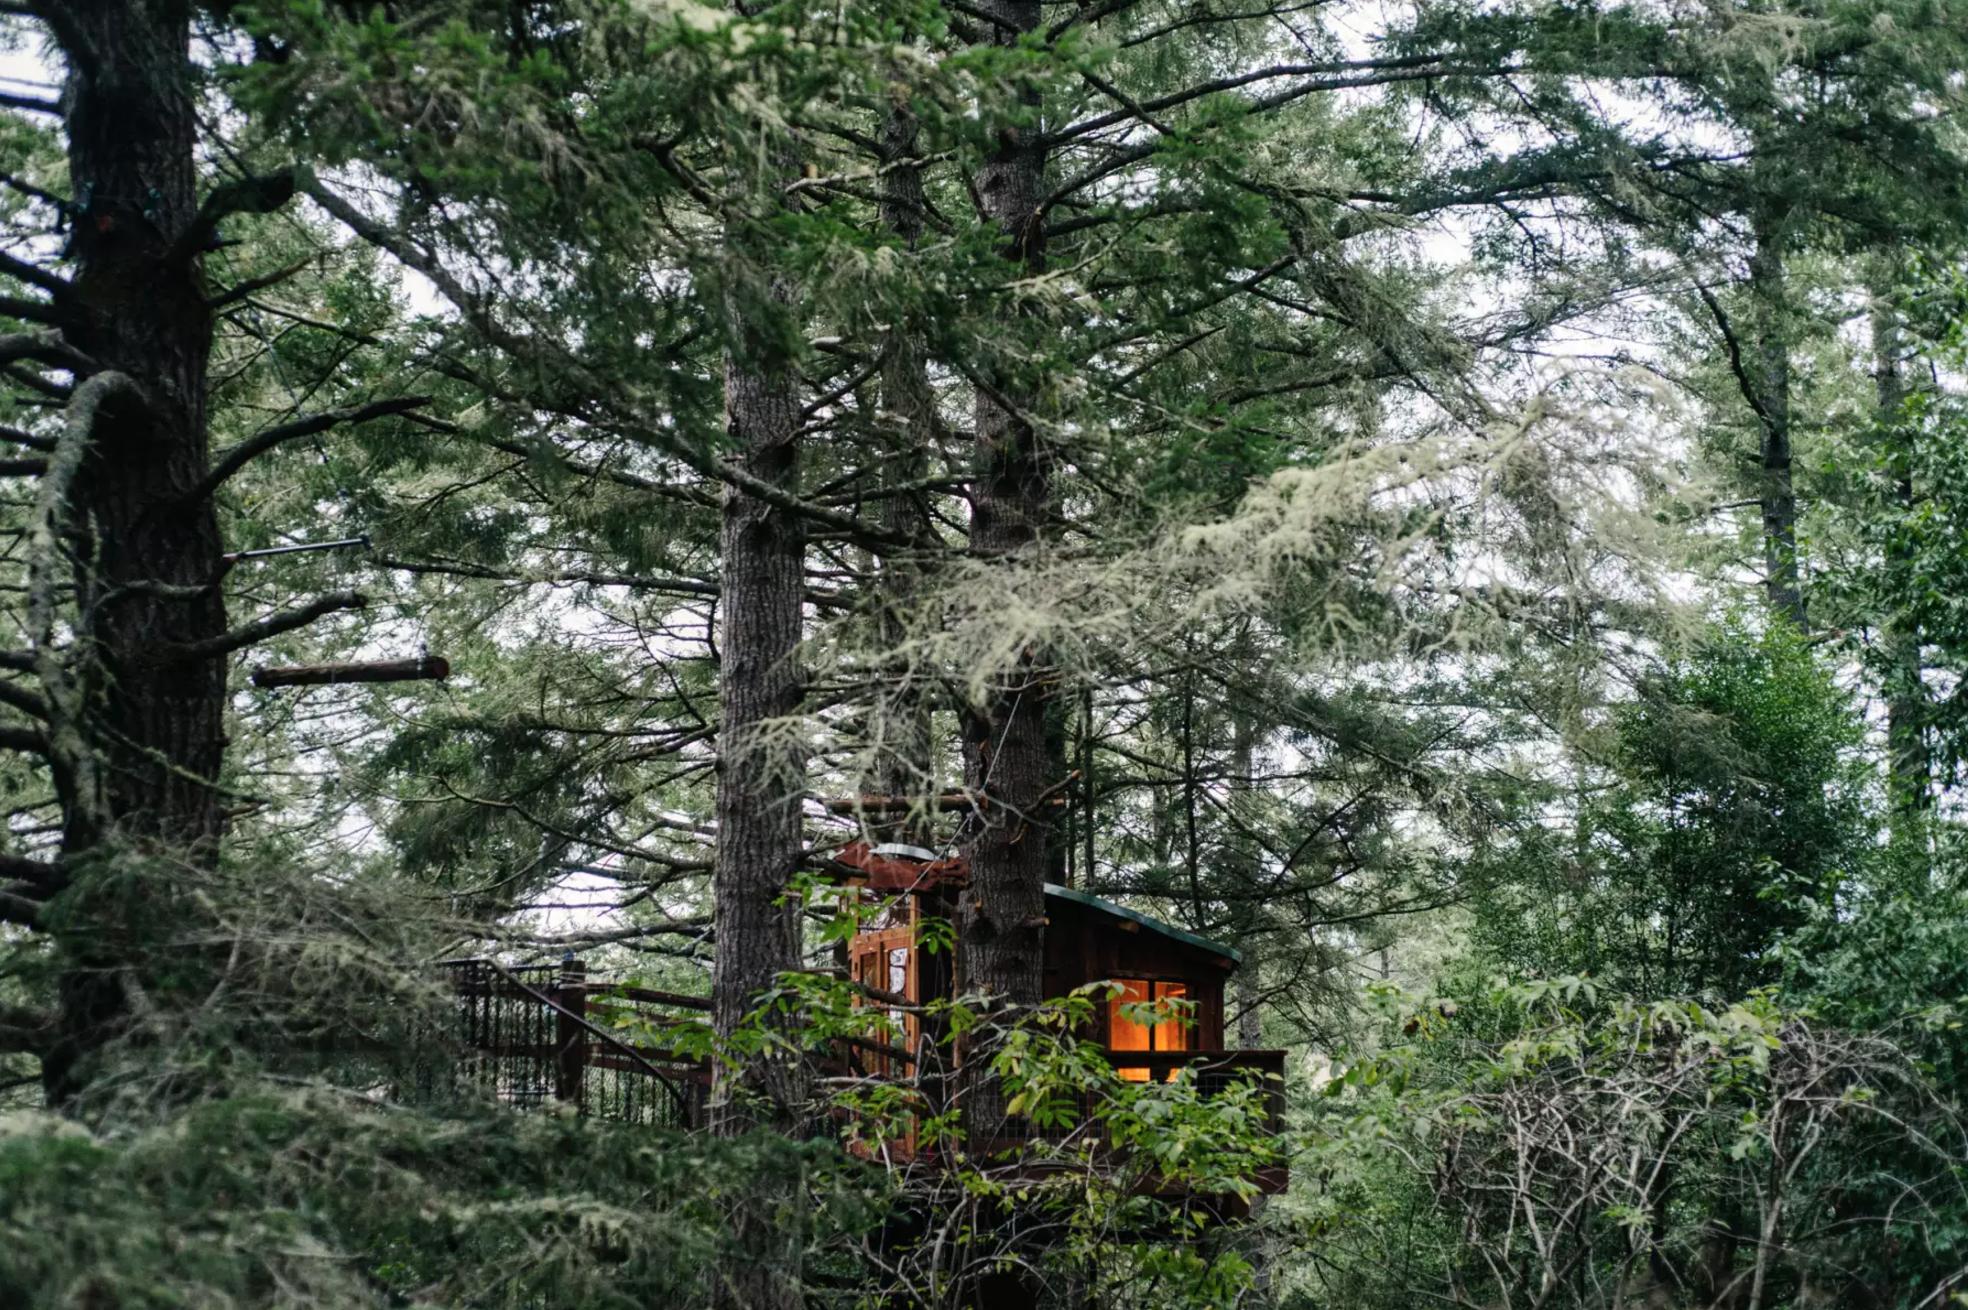 Eagle's Nest Treehouse Farmstay, photo via Hipcamp